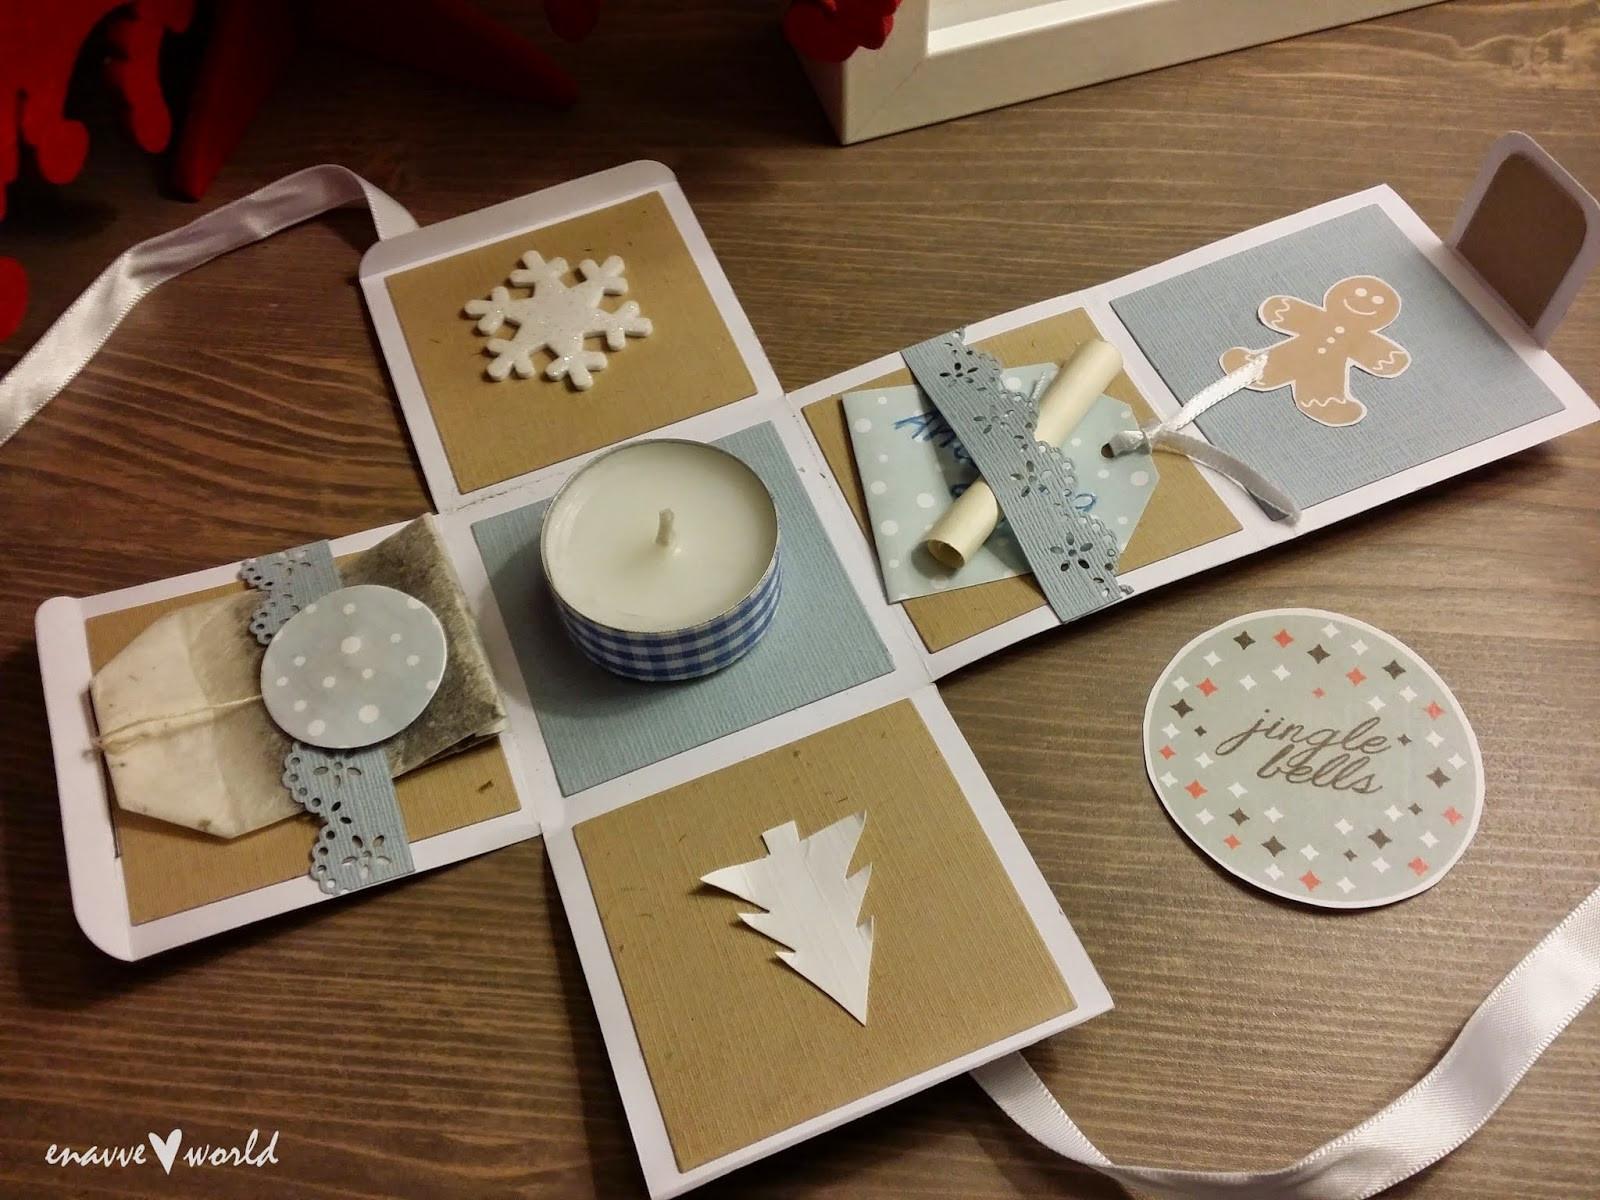 Kleine Geschenke Für Freunde  enavve world Kleine Geschenke Entspannungsbox